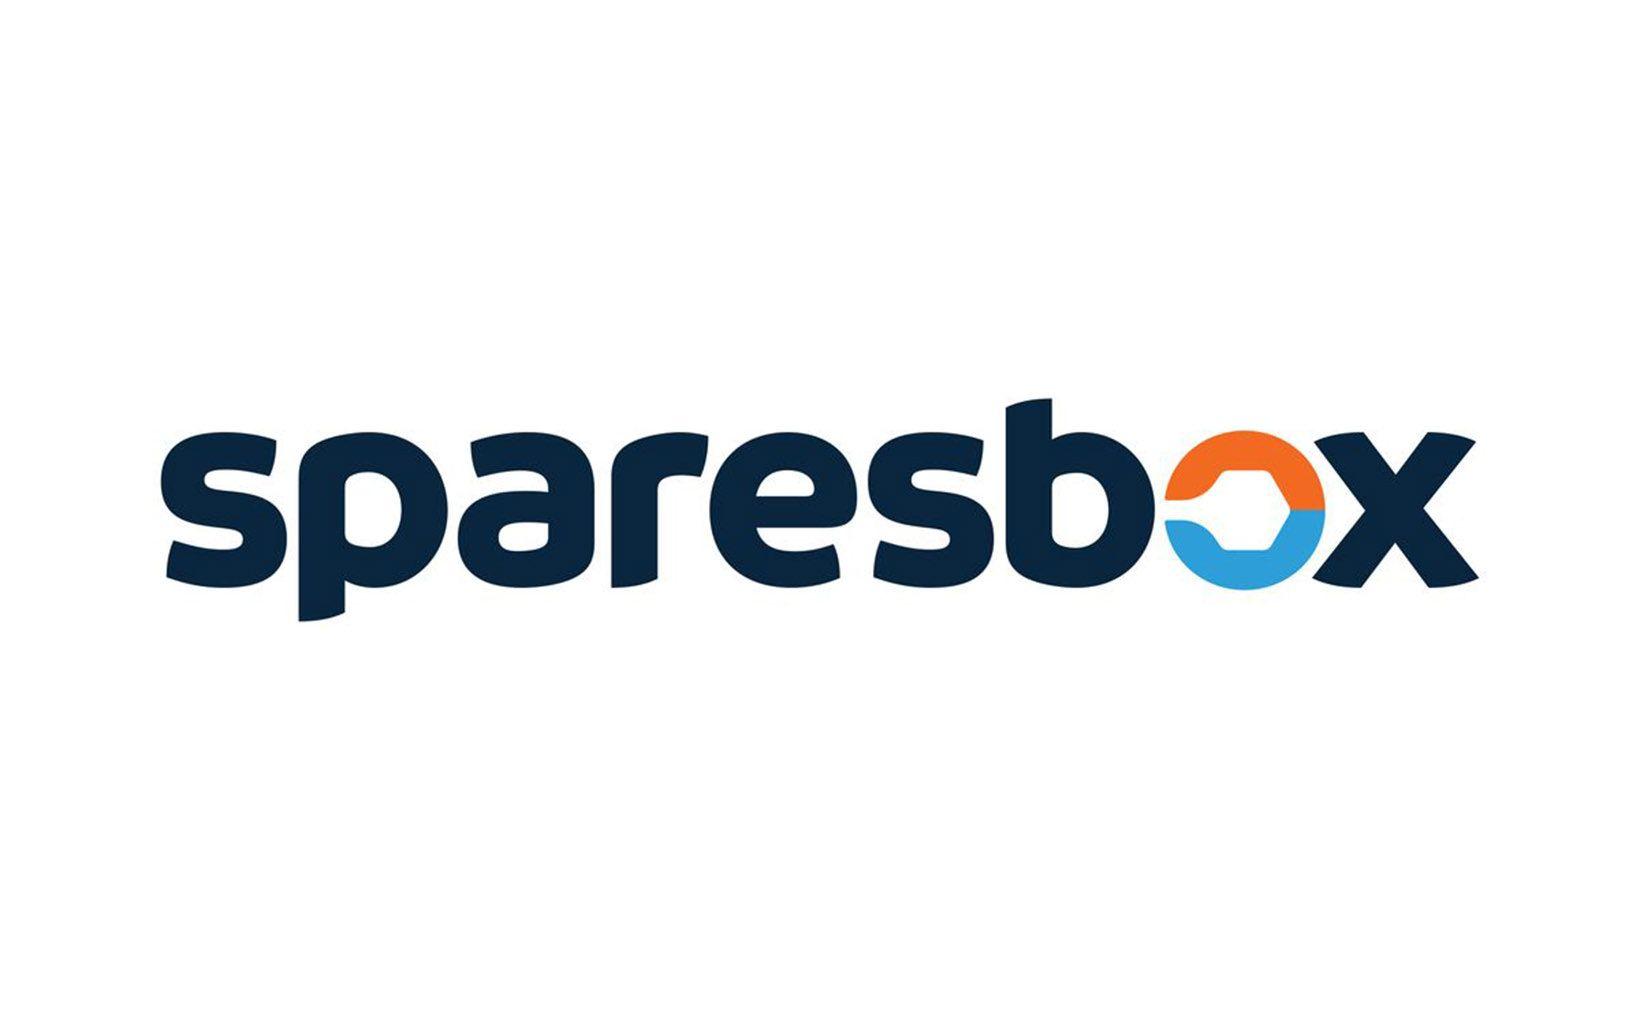 Logo of Sparesbox